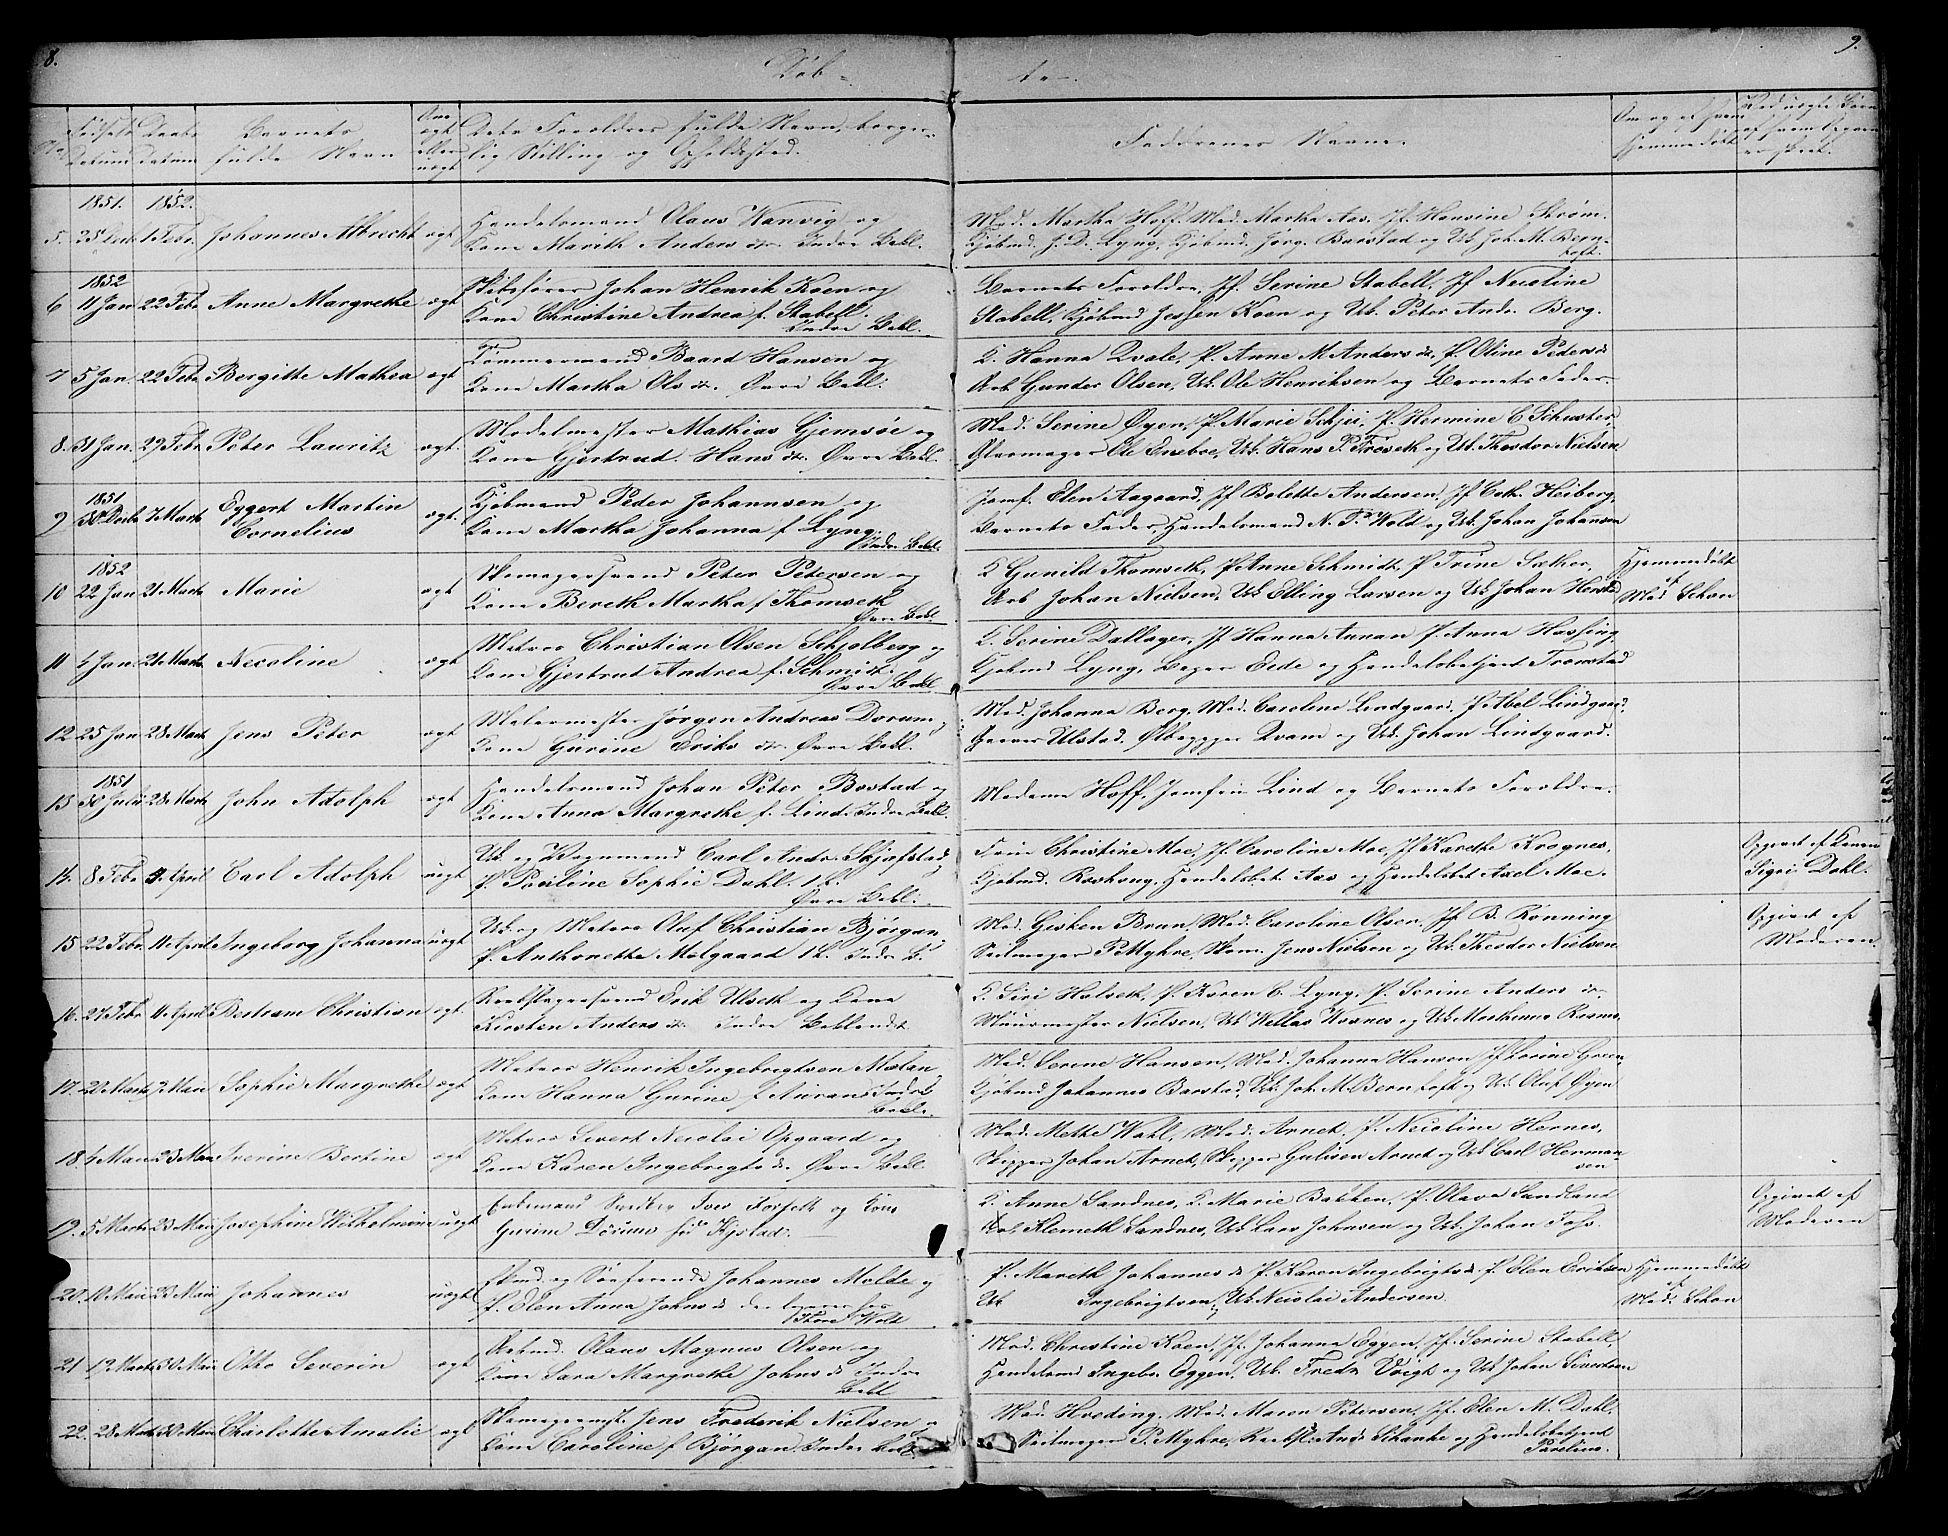 SAT, Ministerialprotokoller, klokkerbøker og fødselsregistre - Sør-Trøndelag, 604/L0219: Klokkerbok nr. 604C02, 1851-1869, s. 8-9